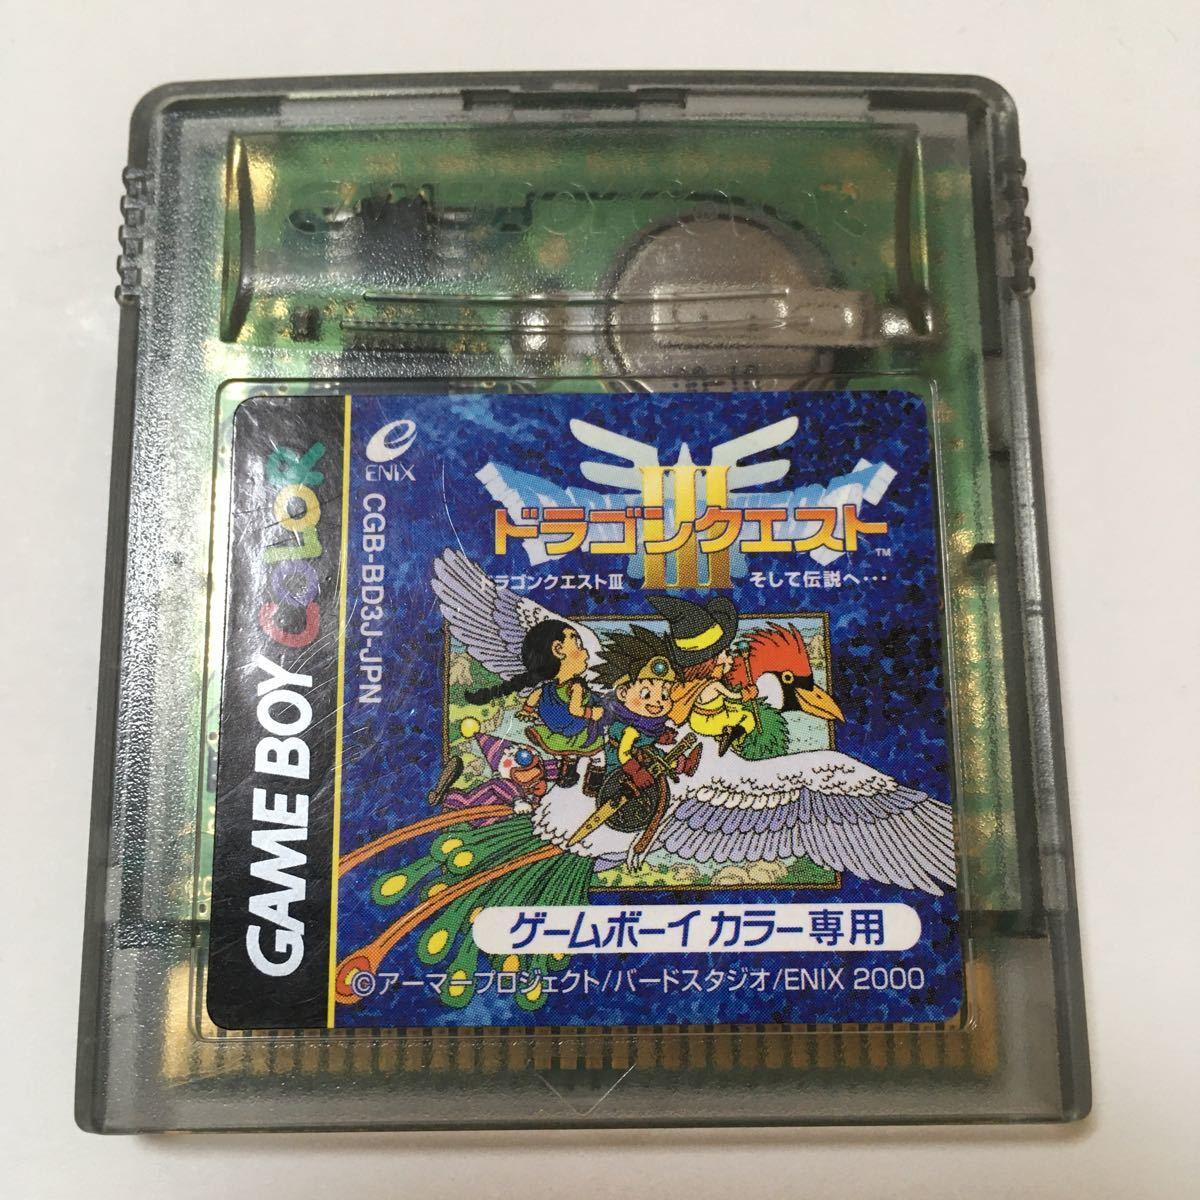 ゲームボーイカラー ソフト ドラゴンクエストIII ドラゴンクエスト3 そして伝説へ ドラクエ3 動作確認済み レトロ 任天堂